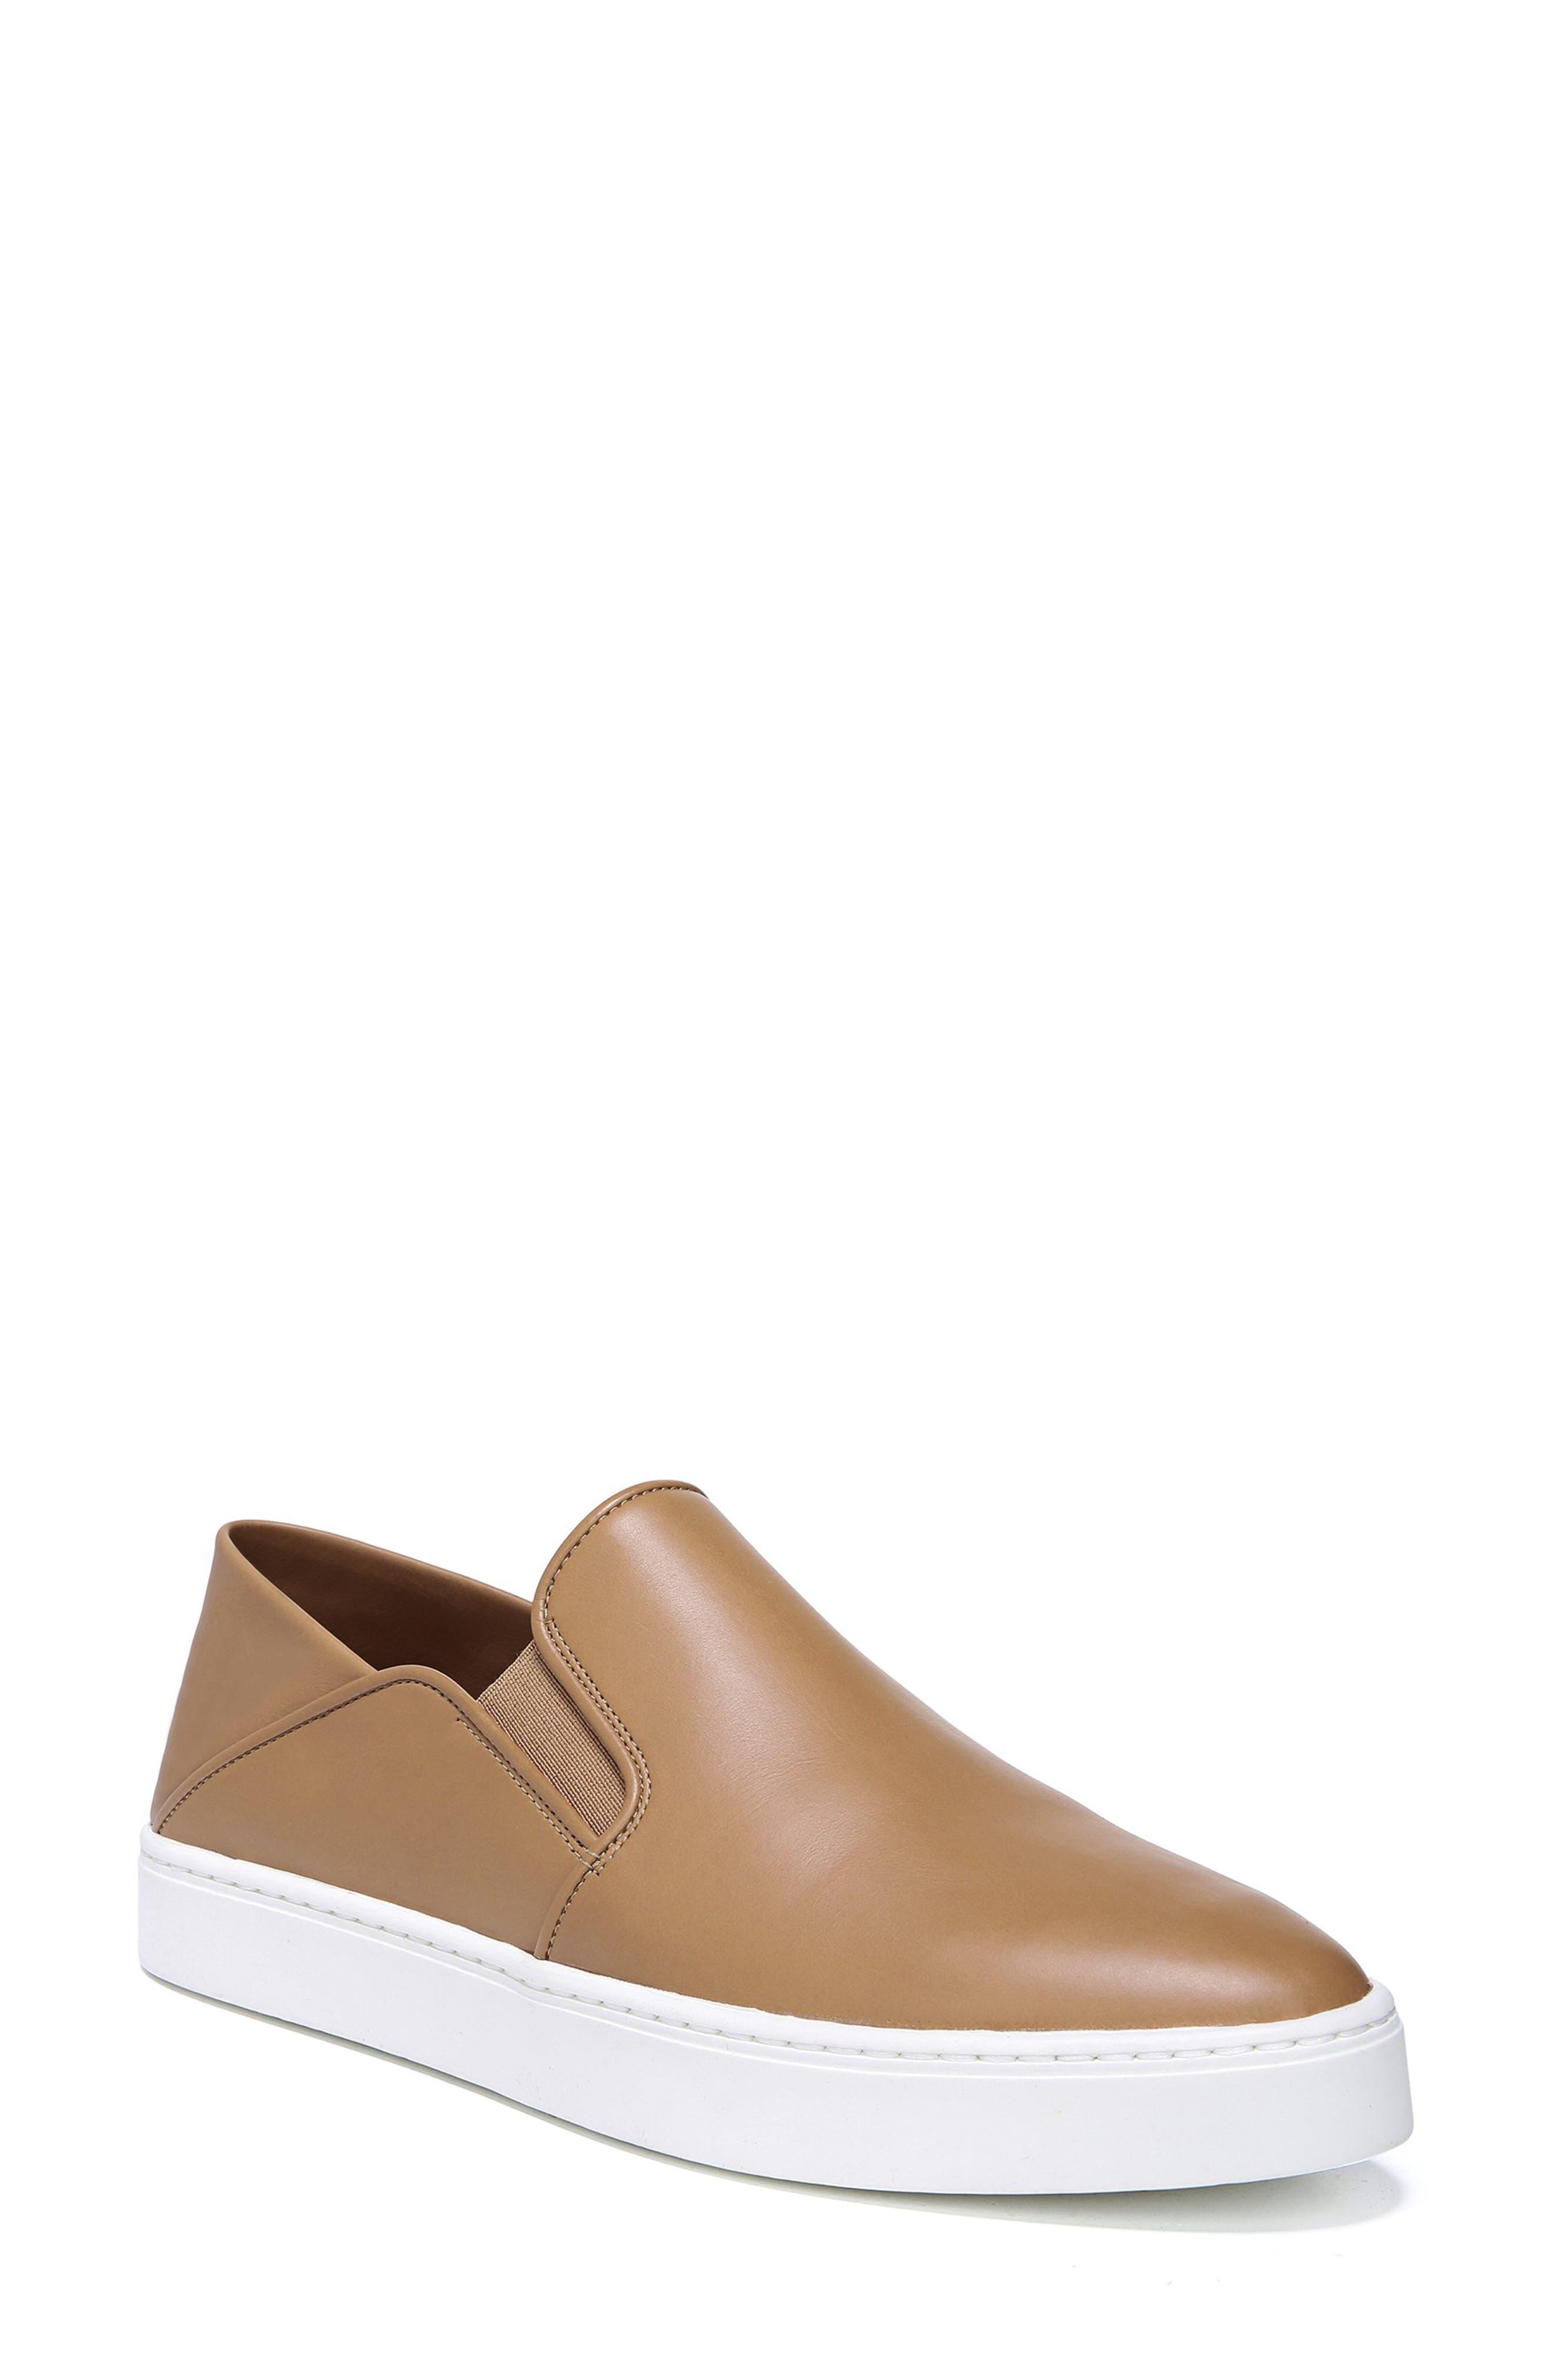 Vince | Garvey Slip-On Sneaker